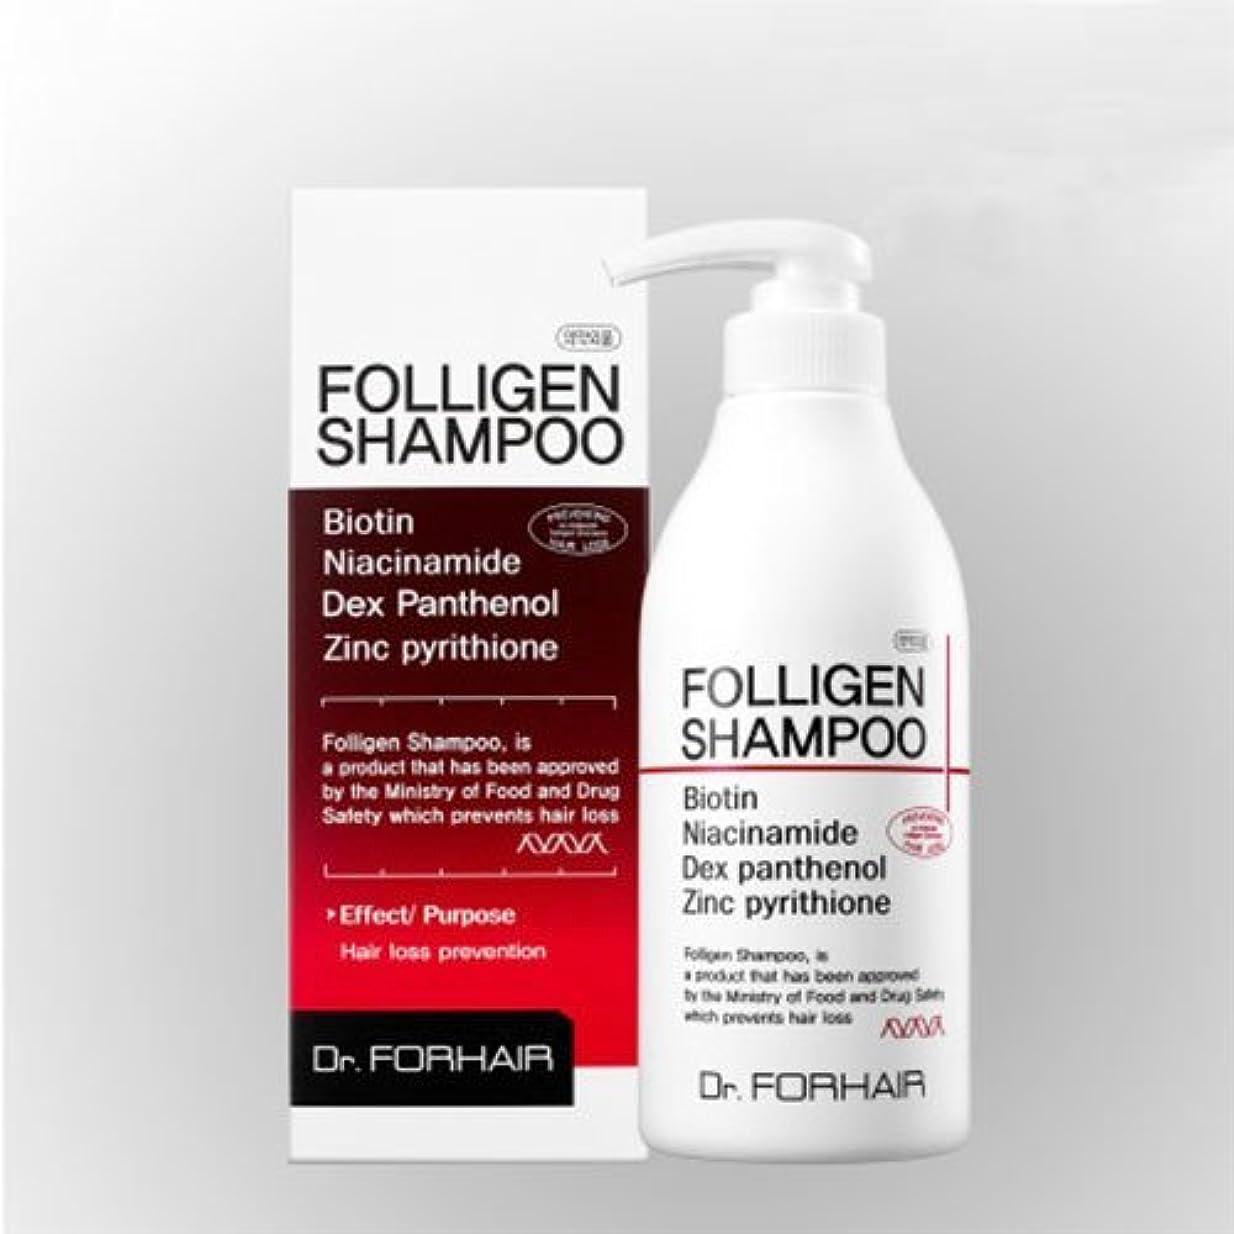 横に取り扱い贅沢ダクト?フォーヘア ポルリジェン シャンプー500ml 脱毛防止シャンプー[並行輸入品] / Dr. Forhair Folligen Shampoo 500ml (16.9 fl.oz.) for Hair Loss...